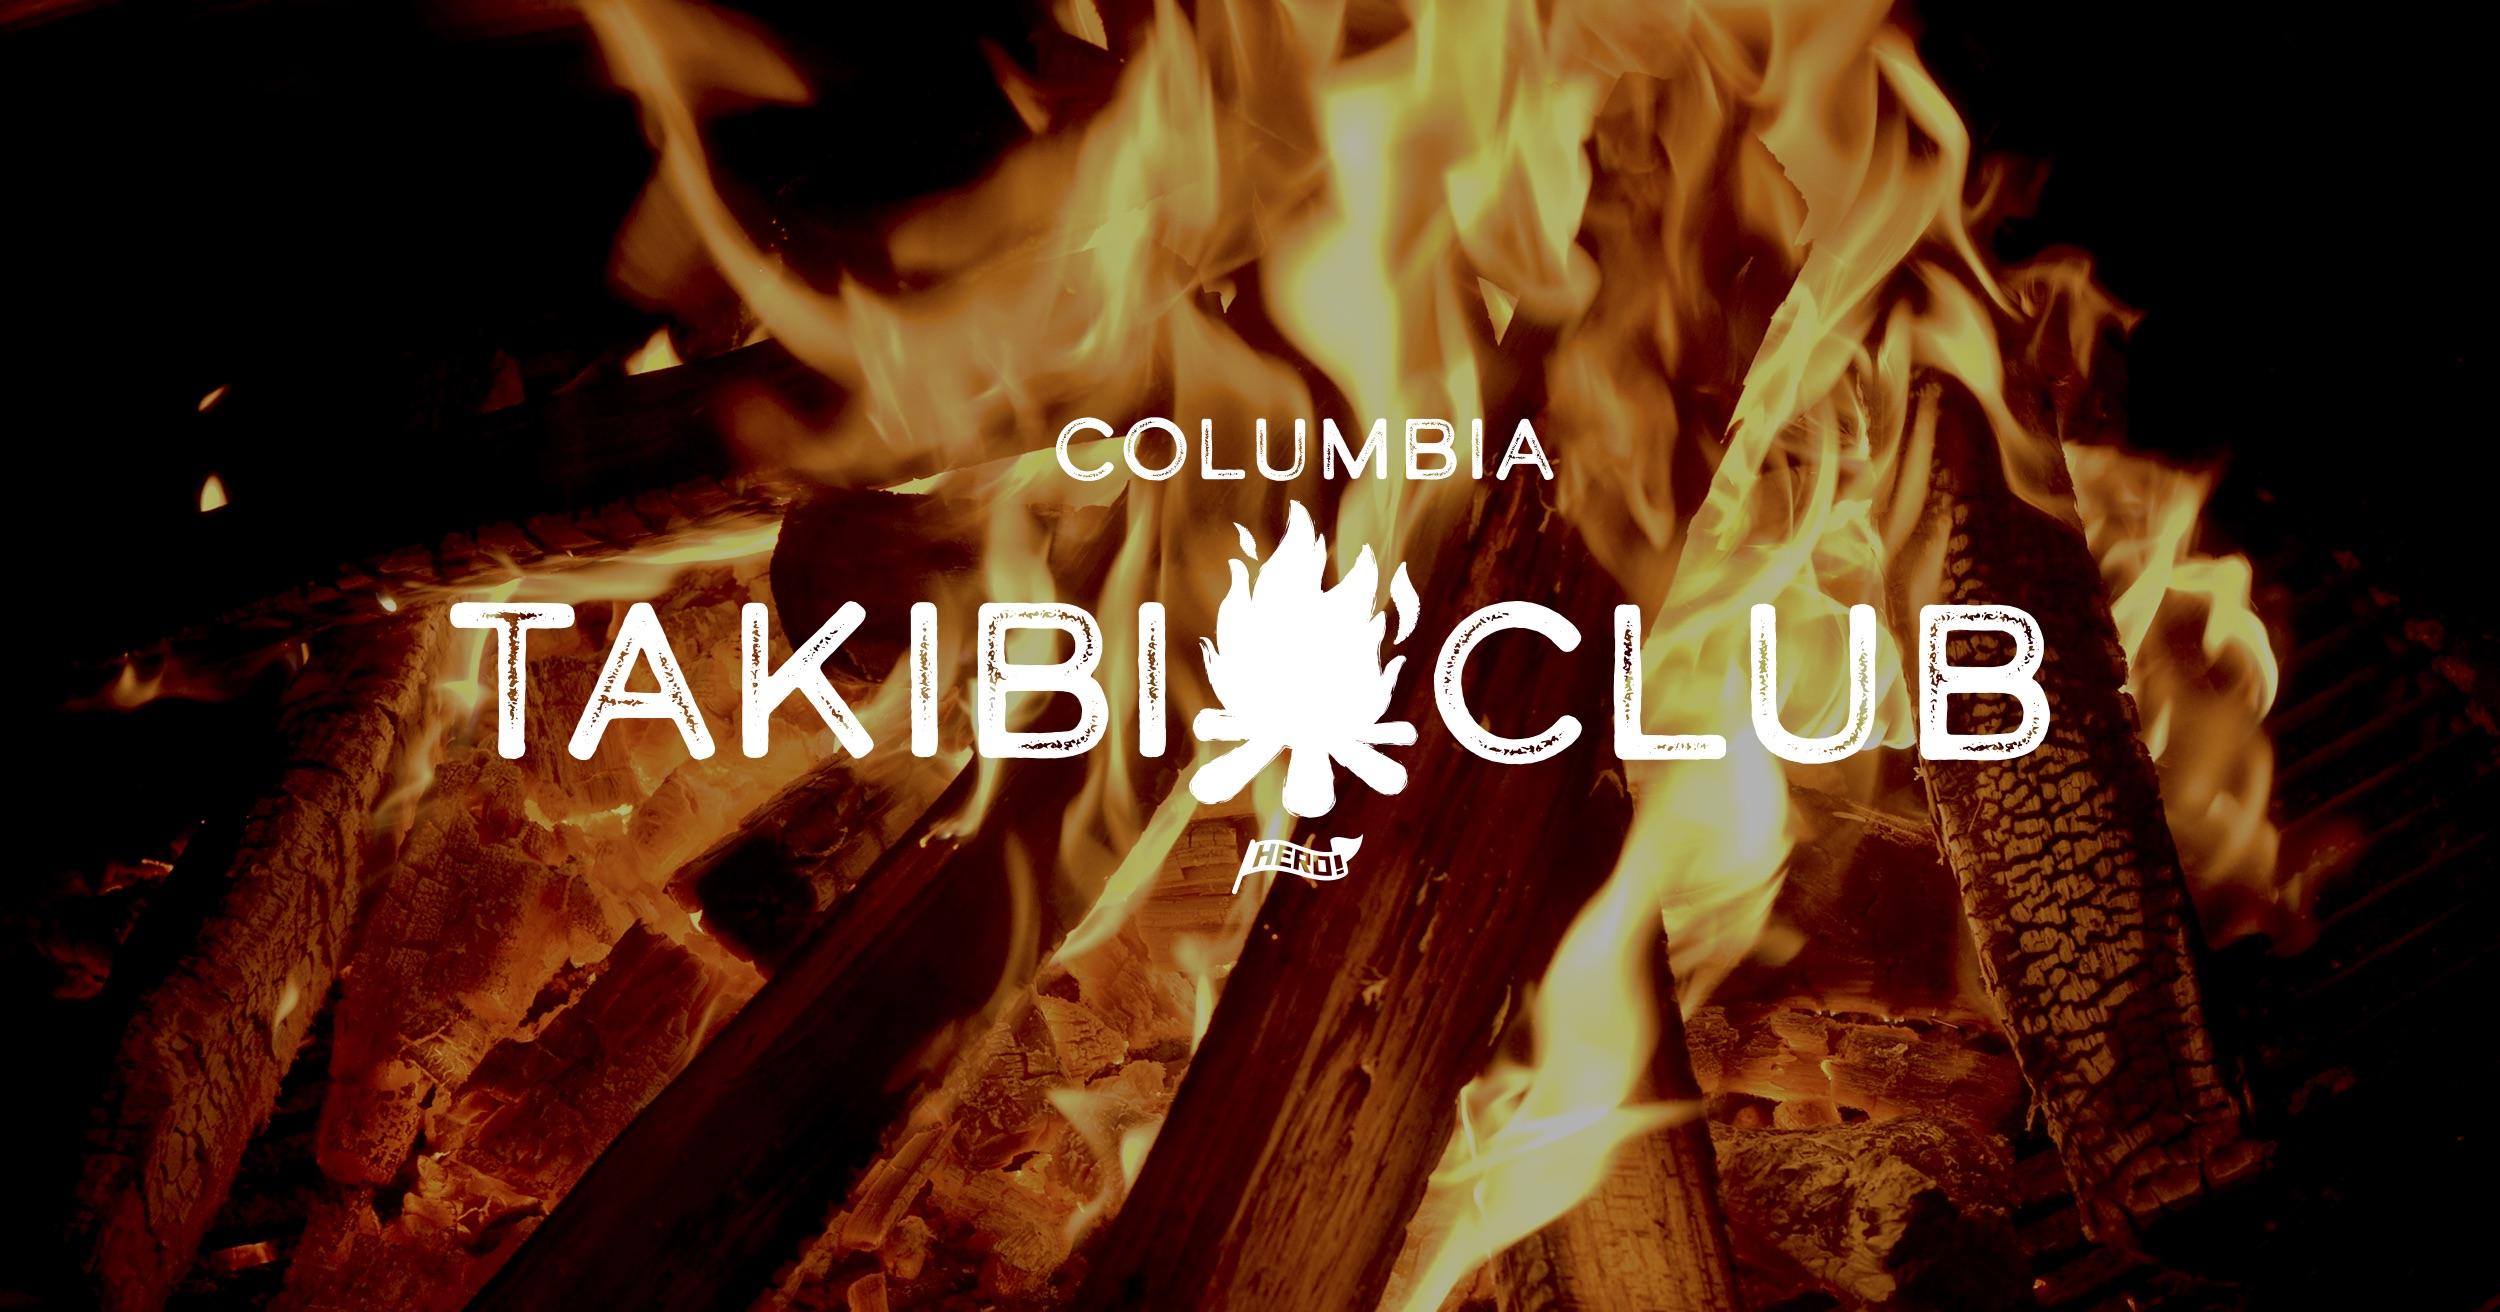 焚き火ファン必見のイベント<br/>「Columbia 焚火クラブ」<br/>今年はスタイルを変えて開催!